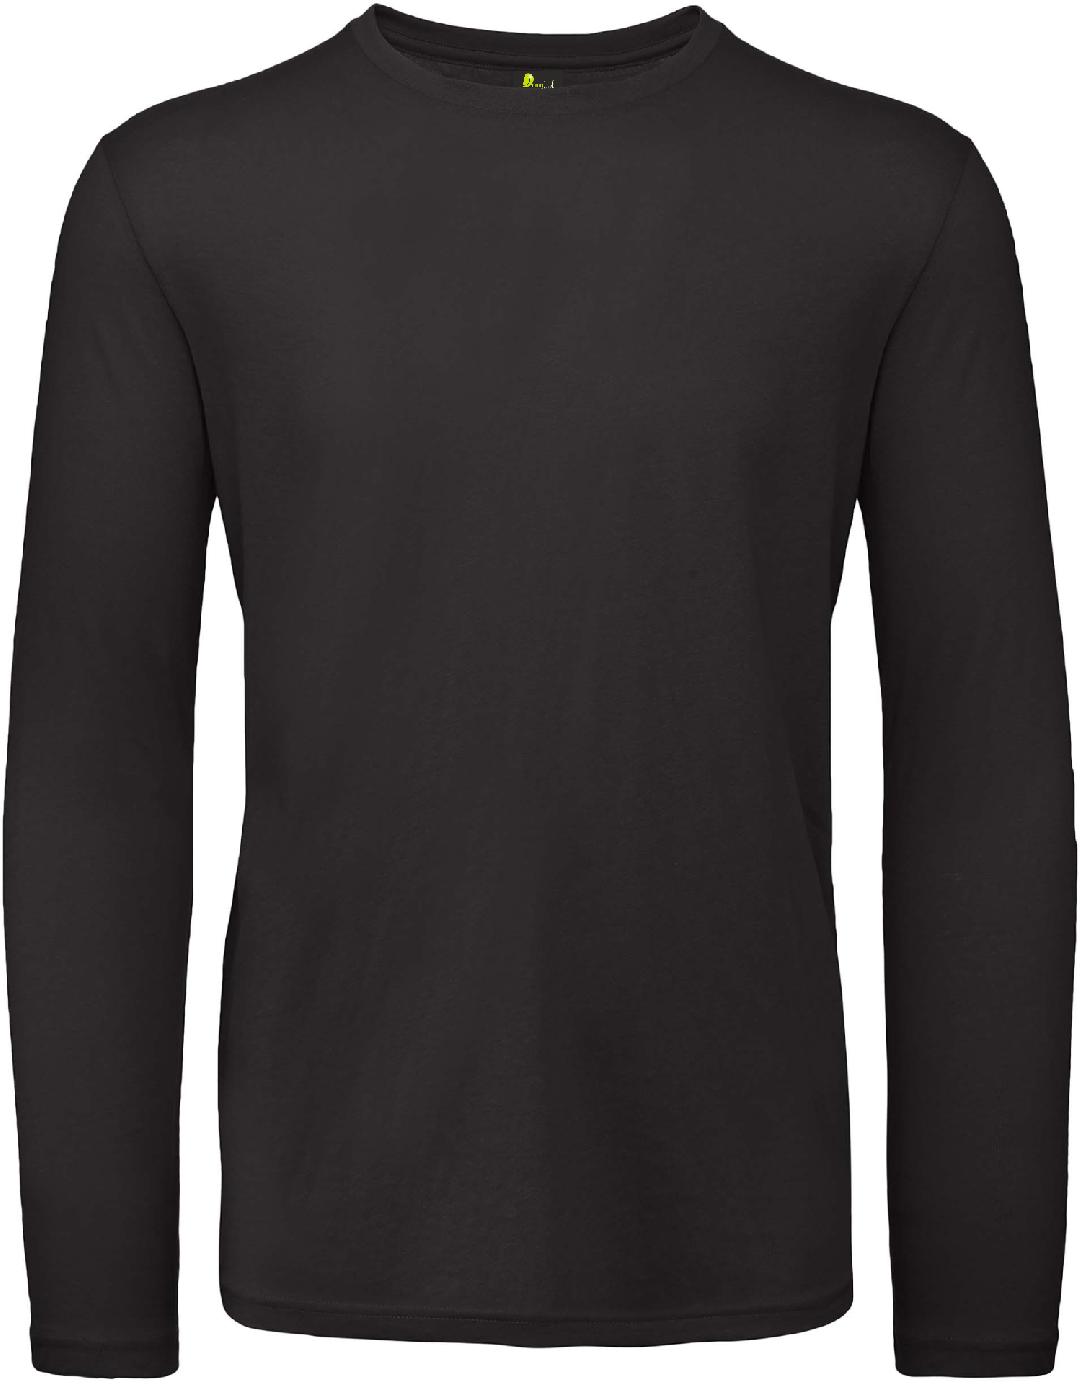 T-shirt de homem de manga comprida